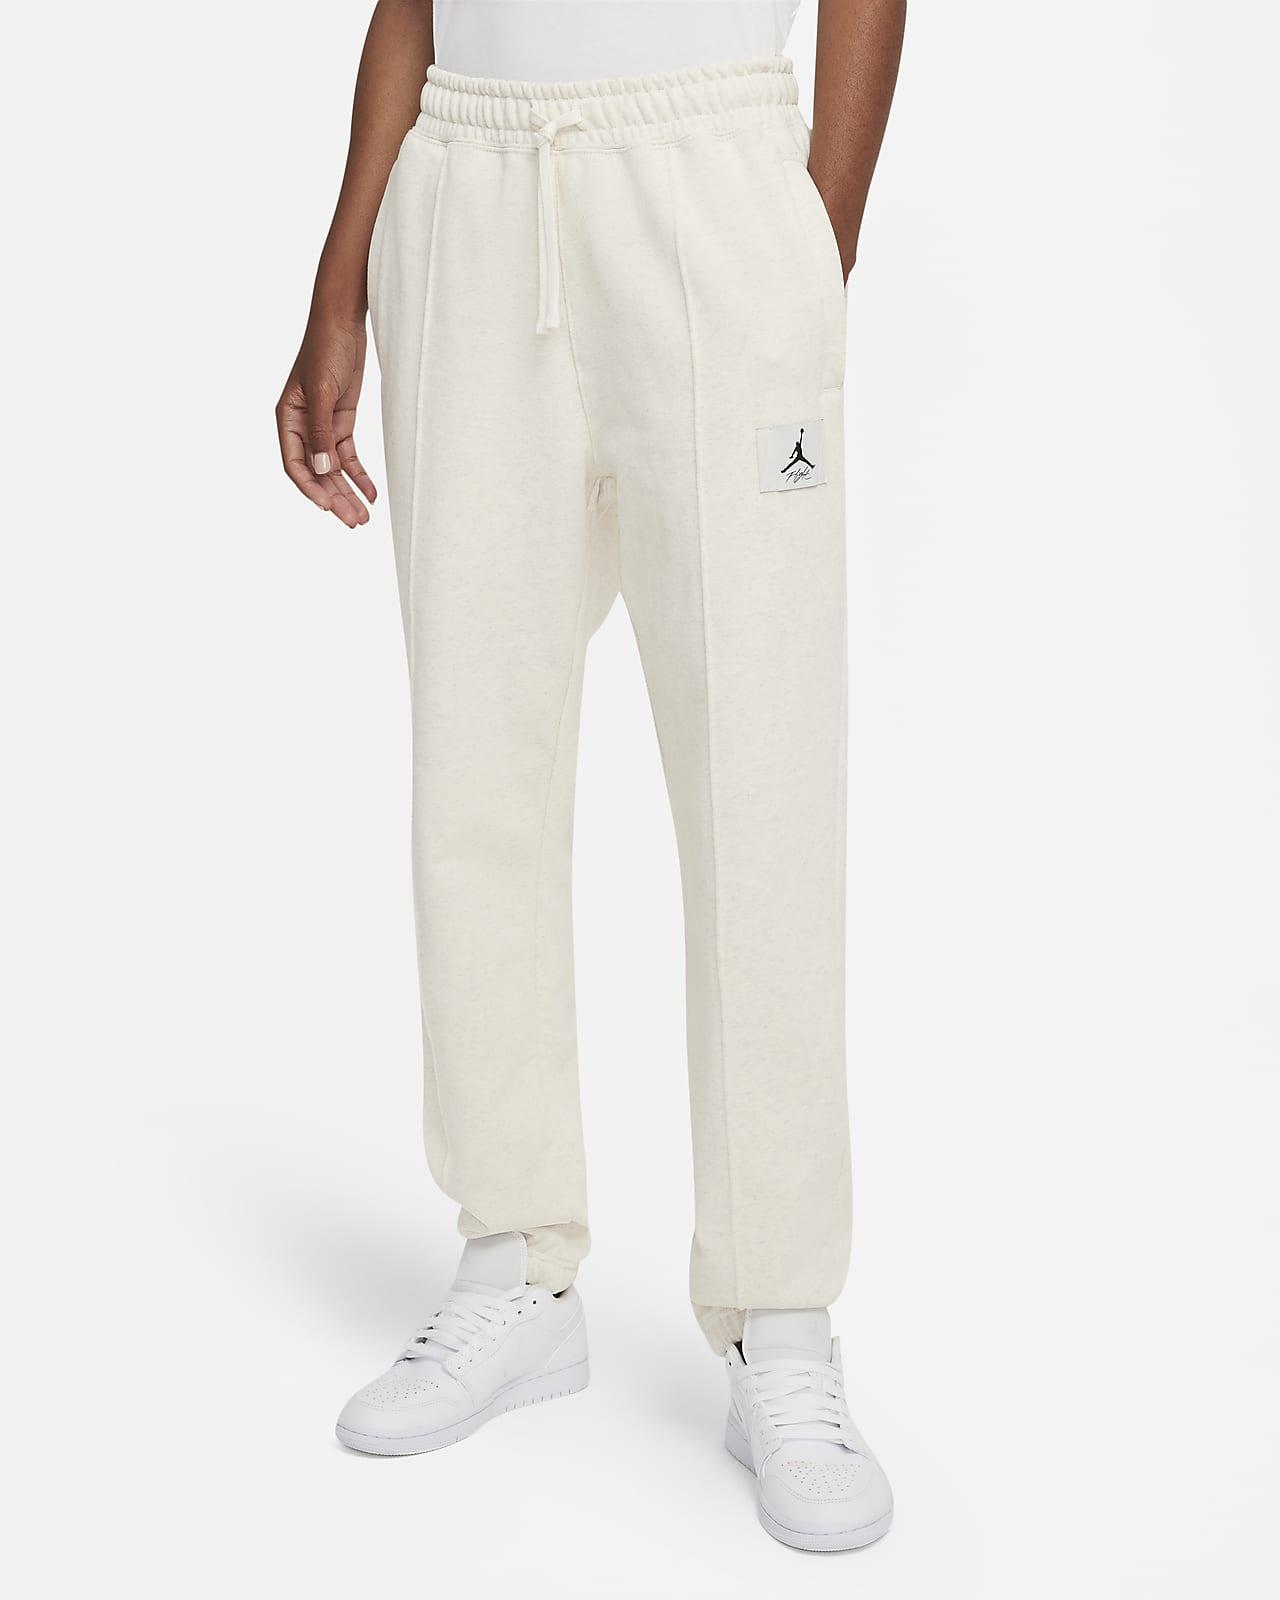 Calças de lã cardada Jordan Essentials para mulher